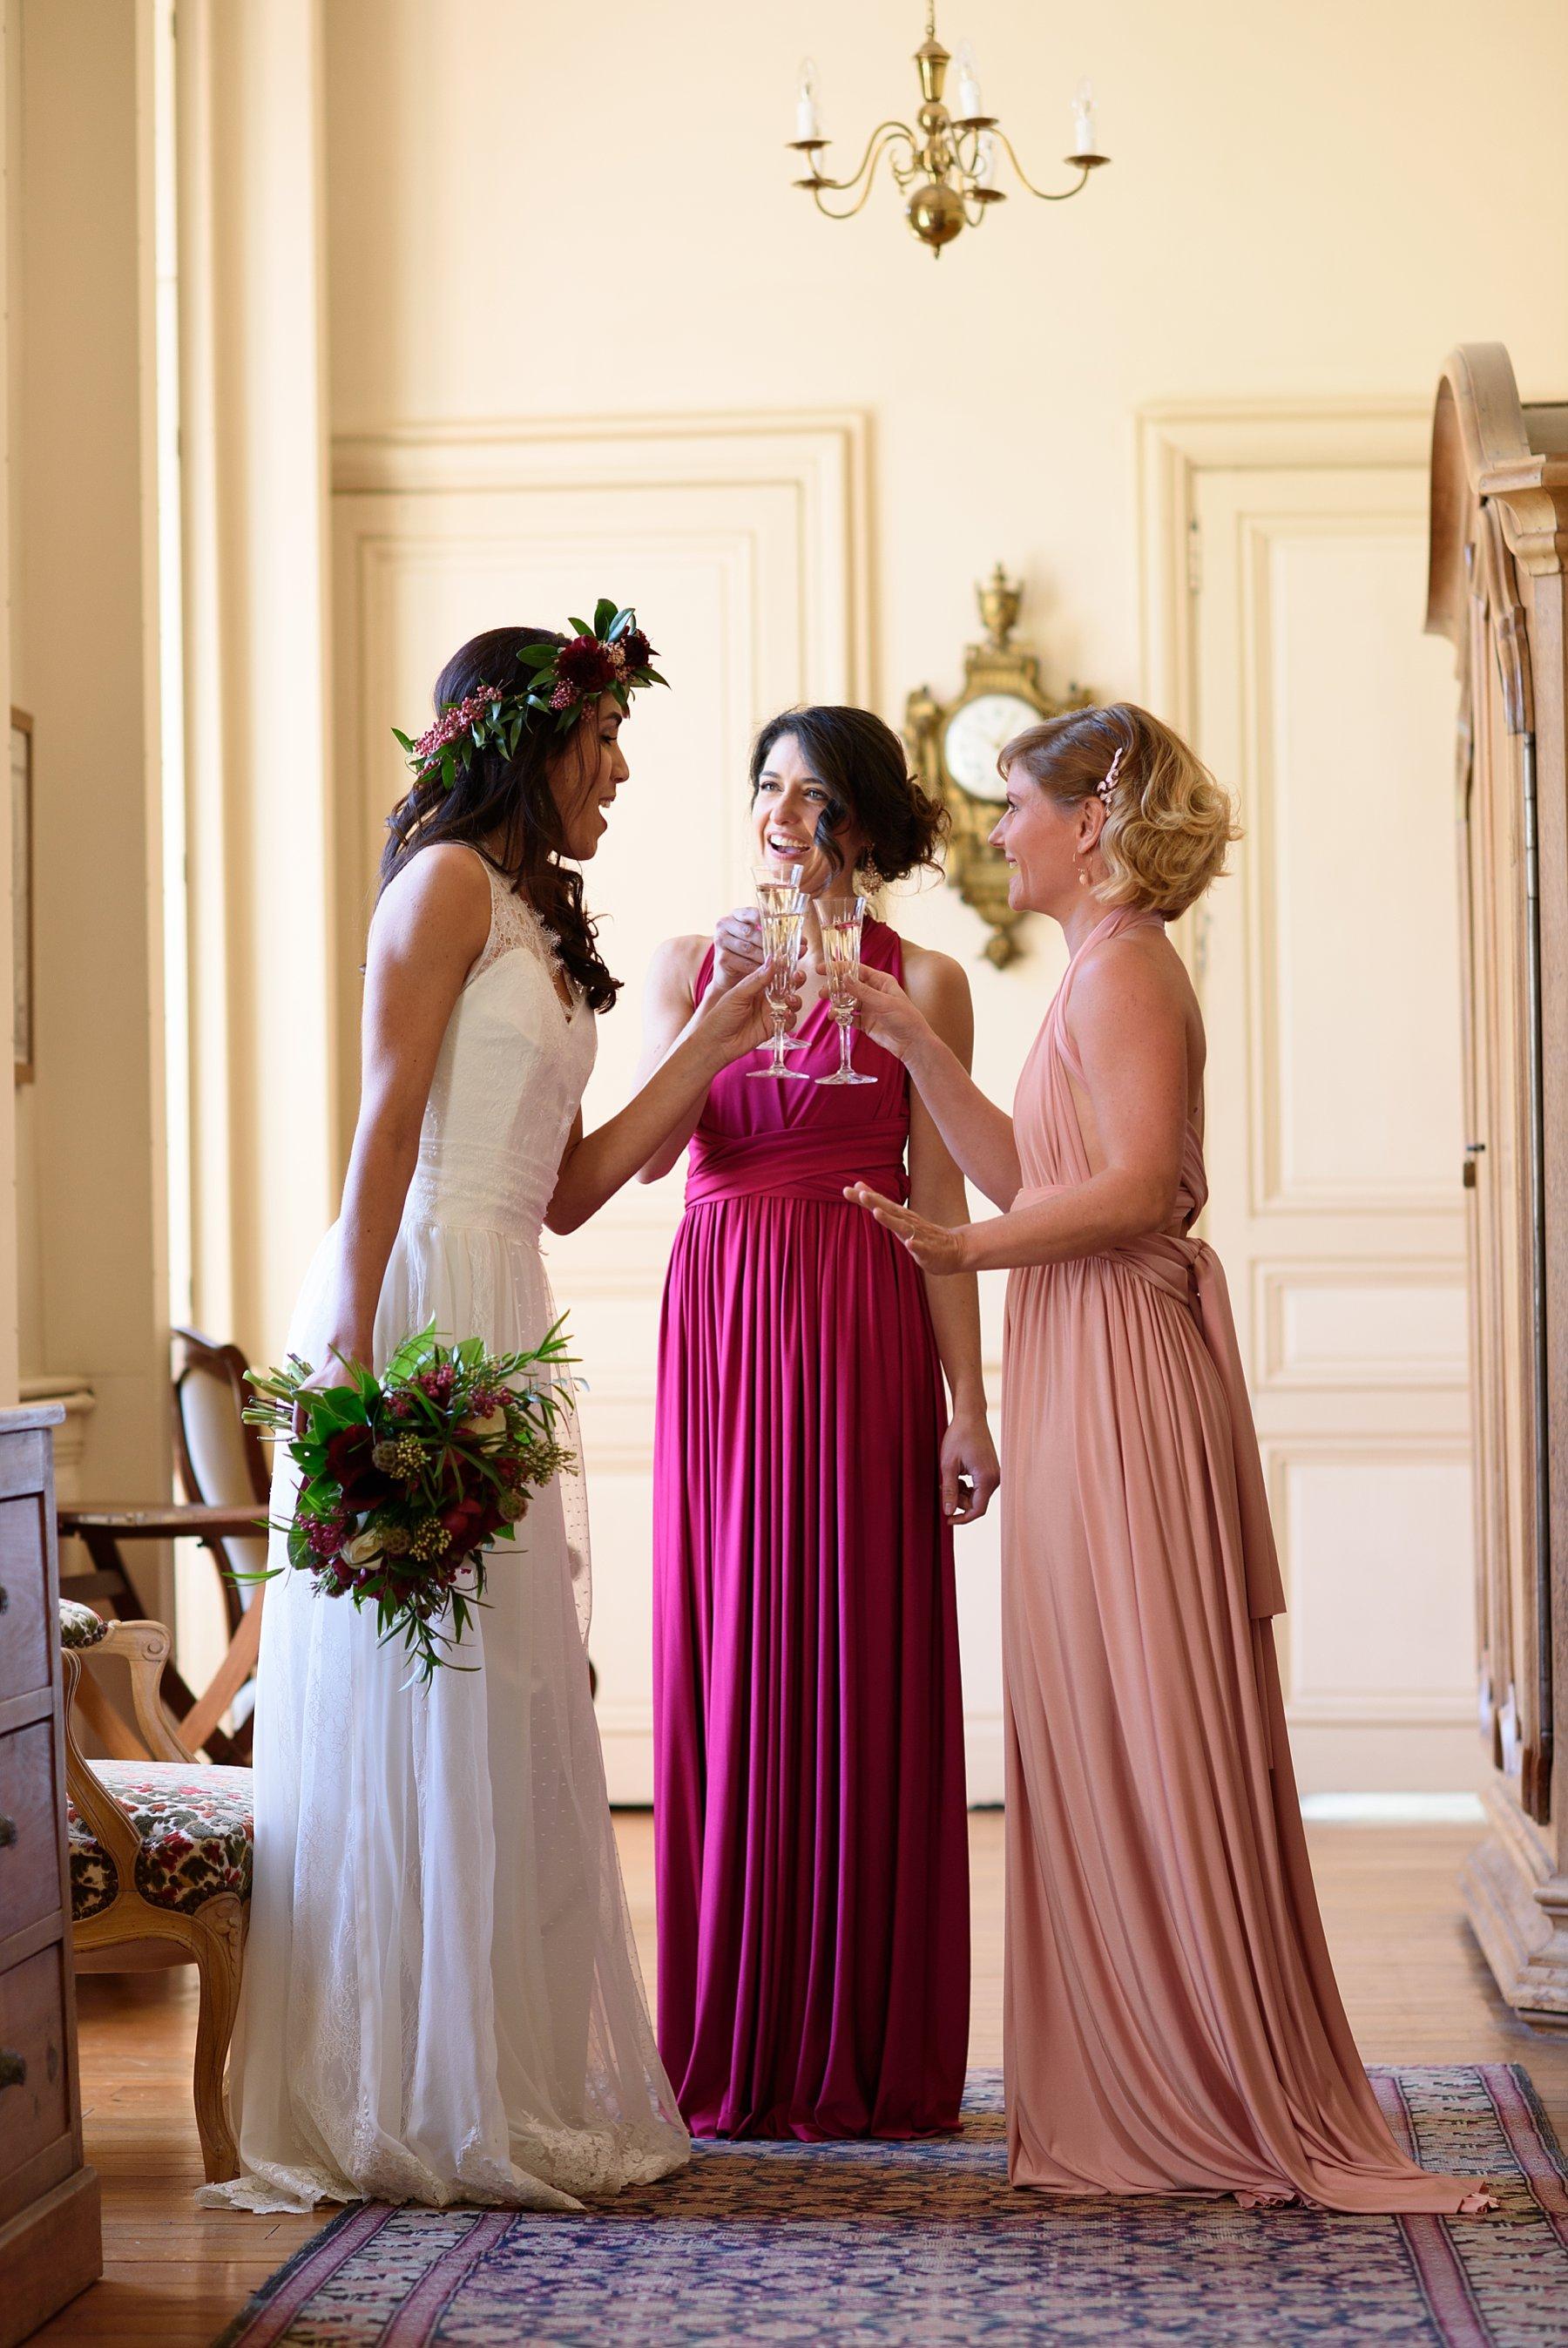 Moment de détente et de partage avec les témoins avant le mariage